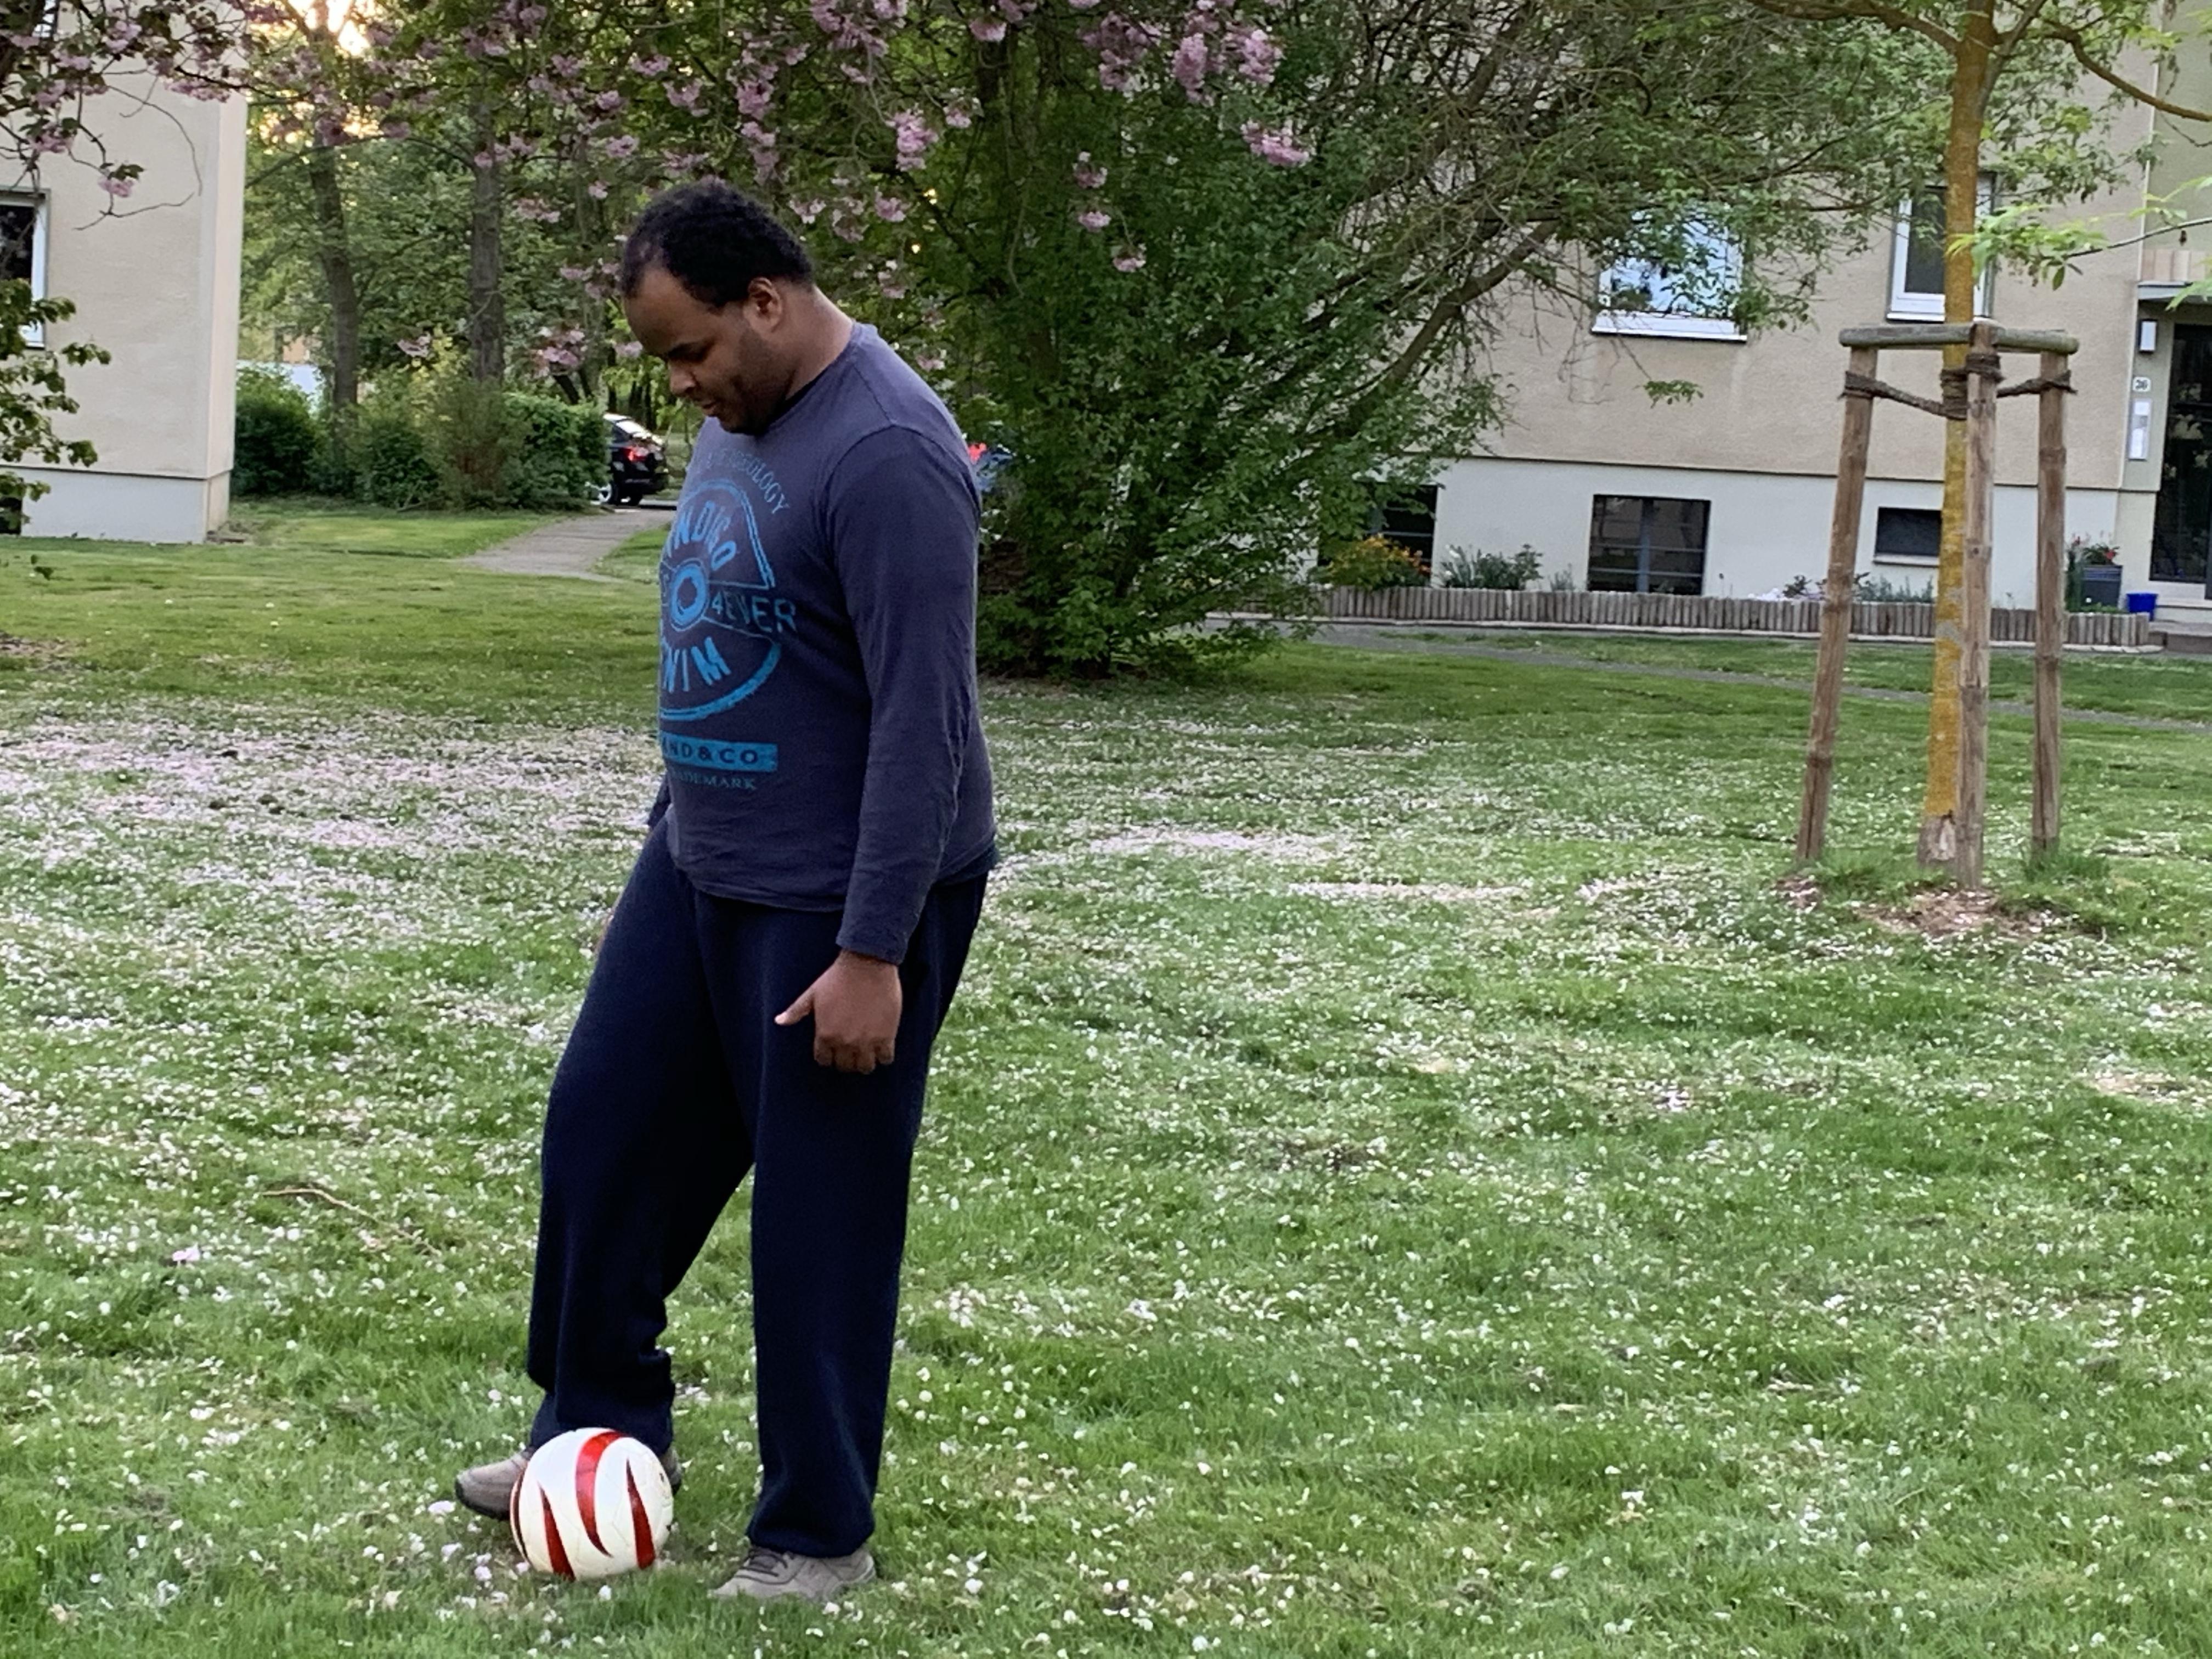 Johannes trippelt mit dem Blindenfußball auf einer Wiese mit Bäumen